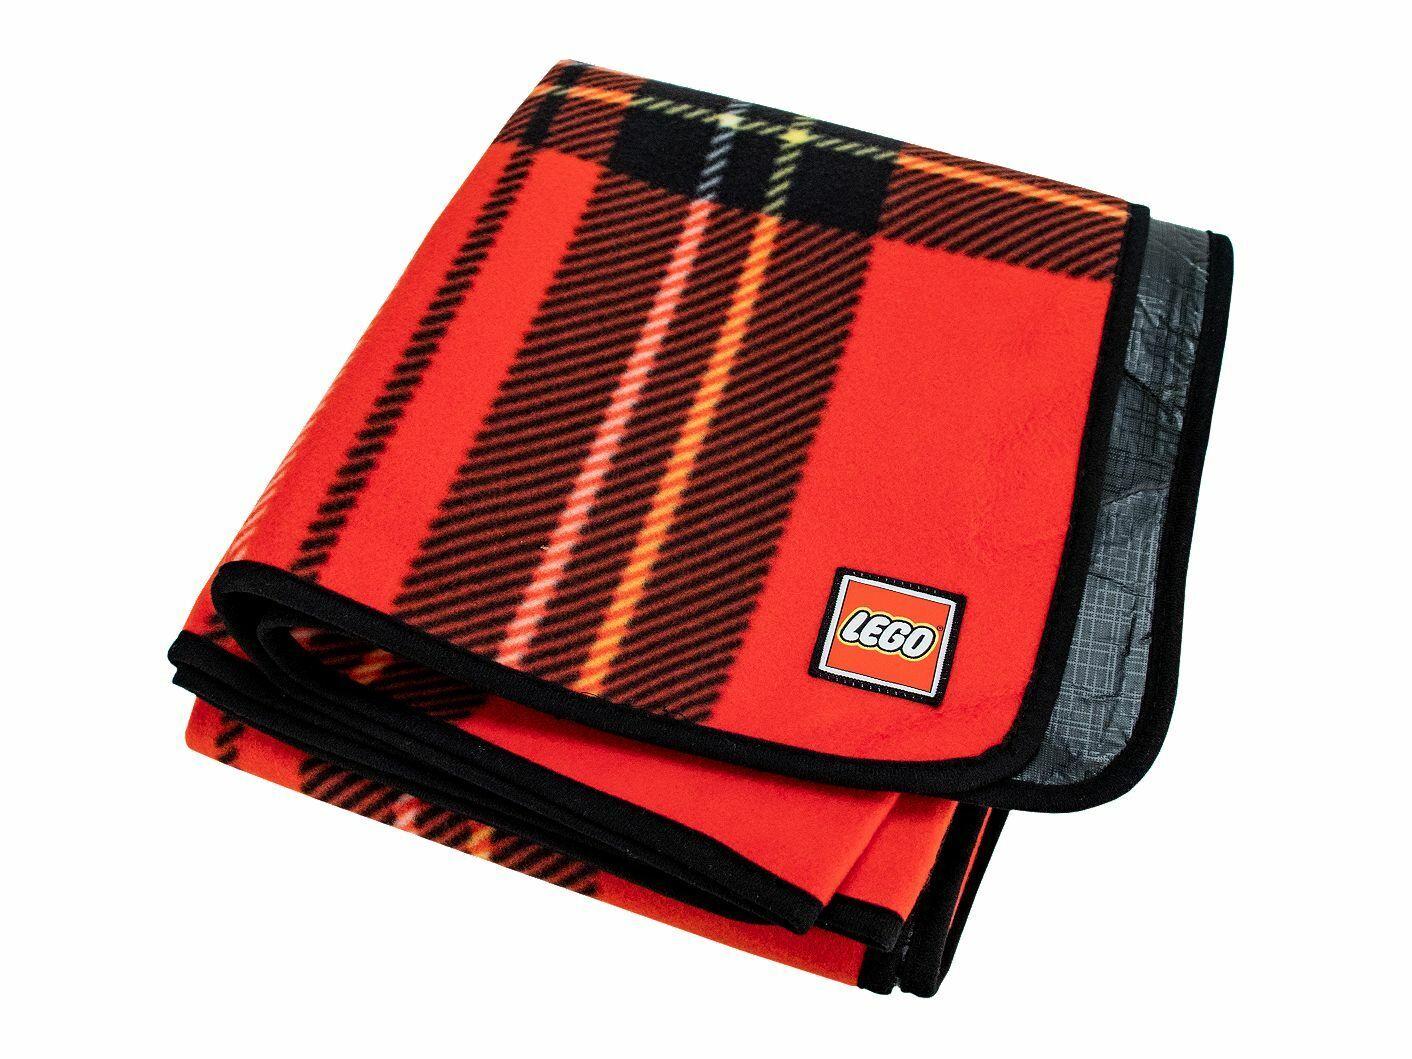 LEGO 5006016 Picnic Blanket Bre nuovo   gratuito SHIPPING   forma unica